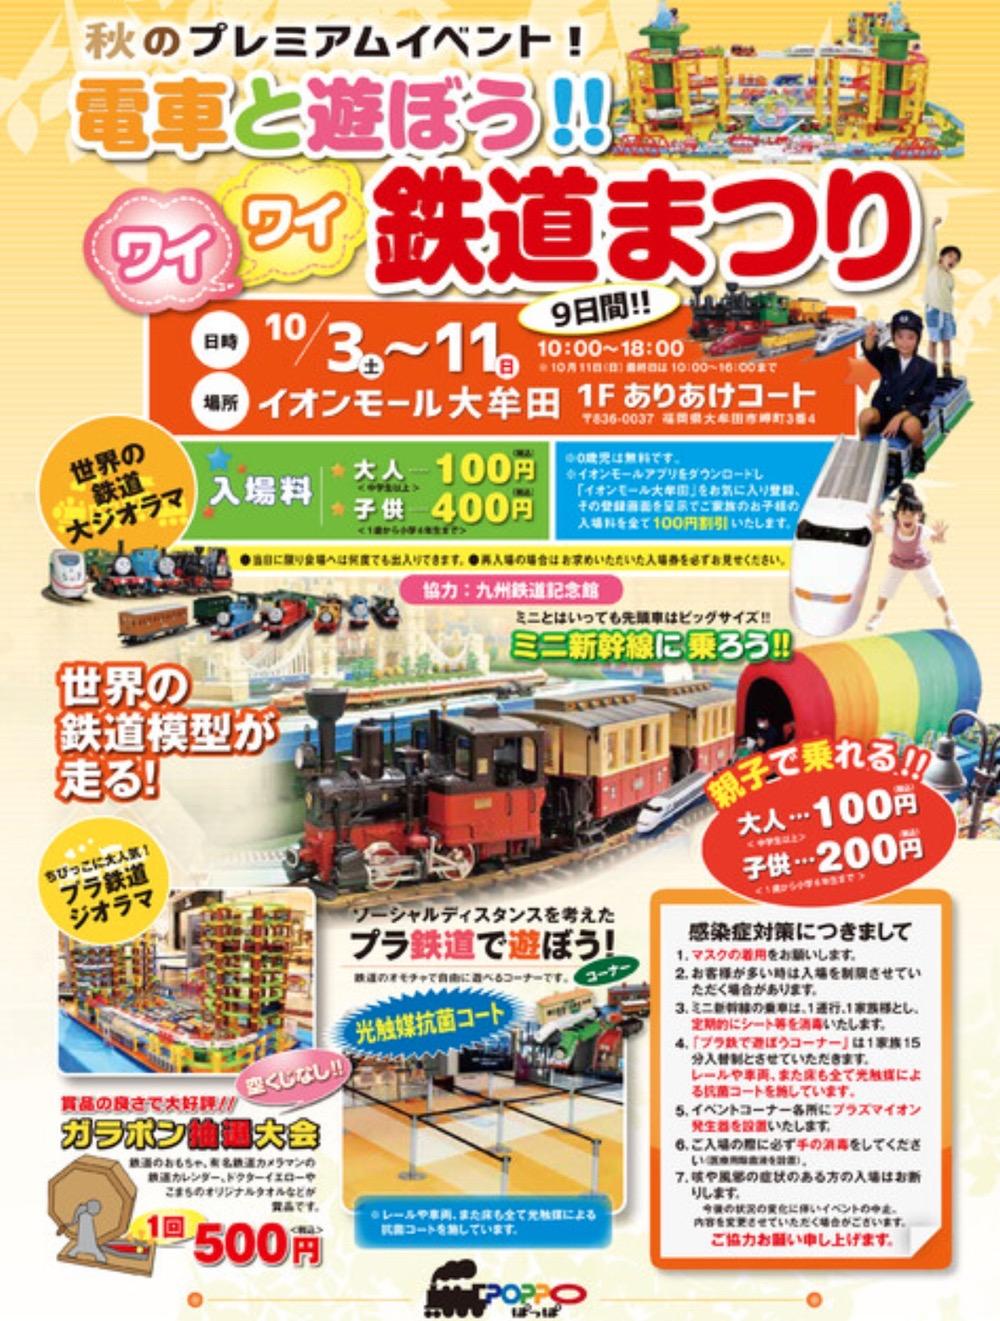 電車と遊ぼう!!ワイワイ鉄道まつり 世界の鉄道大ジオラマや親子で乗れるミニ新幹線